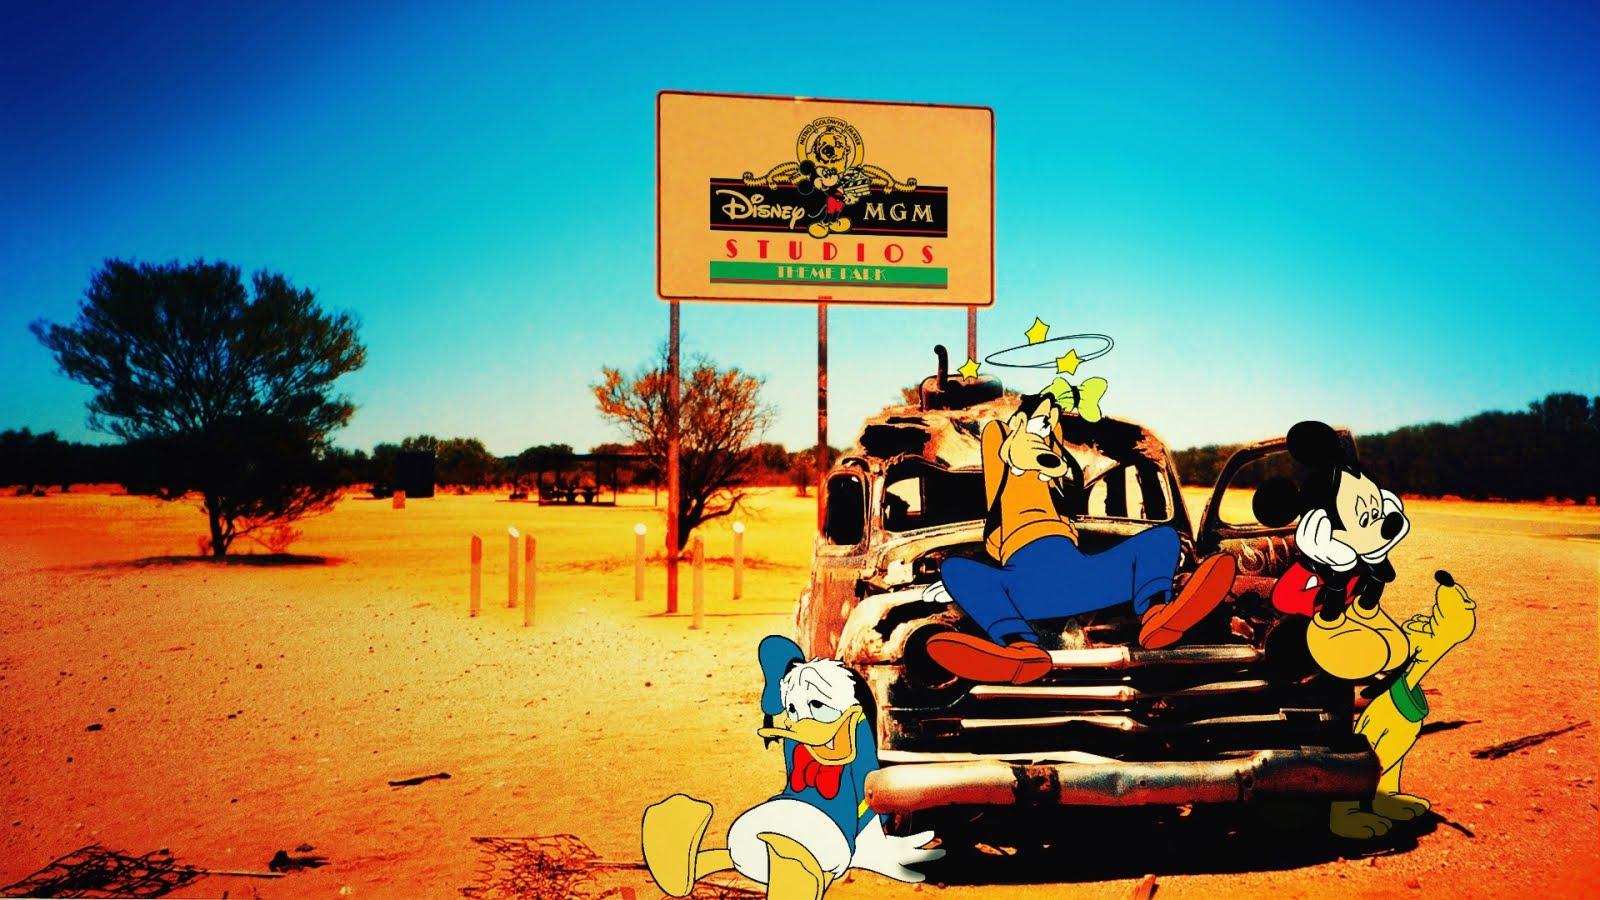 http://3.bp.blogspot.com/-zHunCbmFBRI/TuNGIibjBSI/AAAAAAAAF-g/cD0cylo8lfE/s1600/Disney%2BWorld.jpg